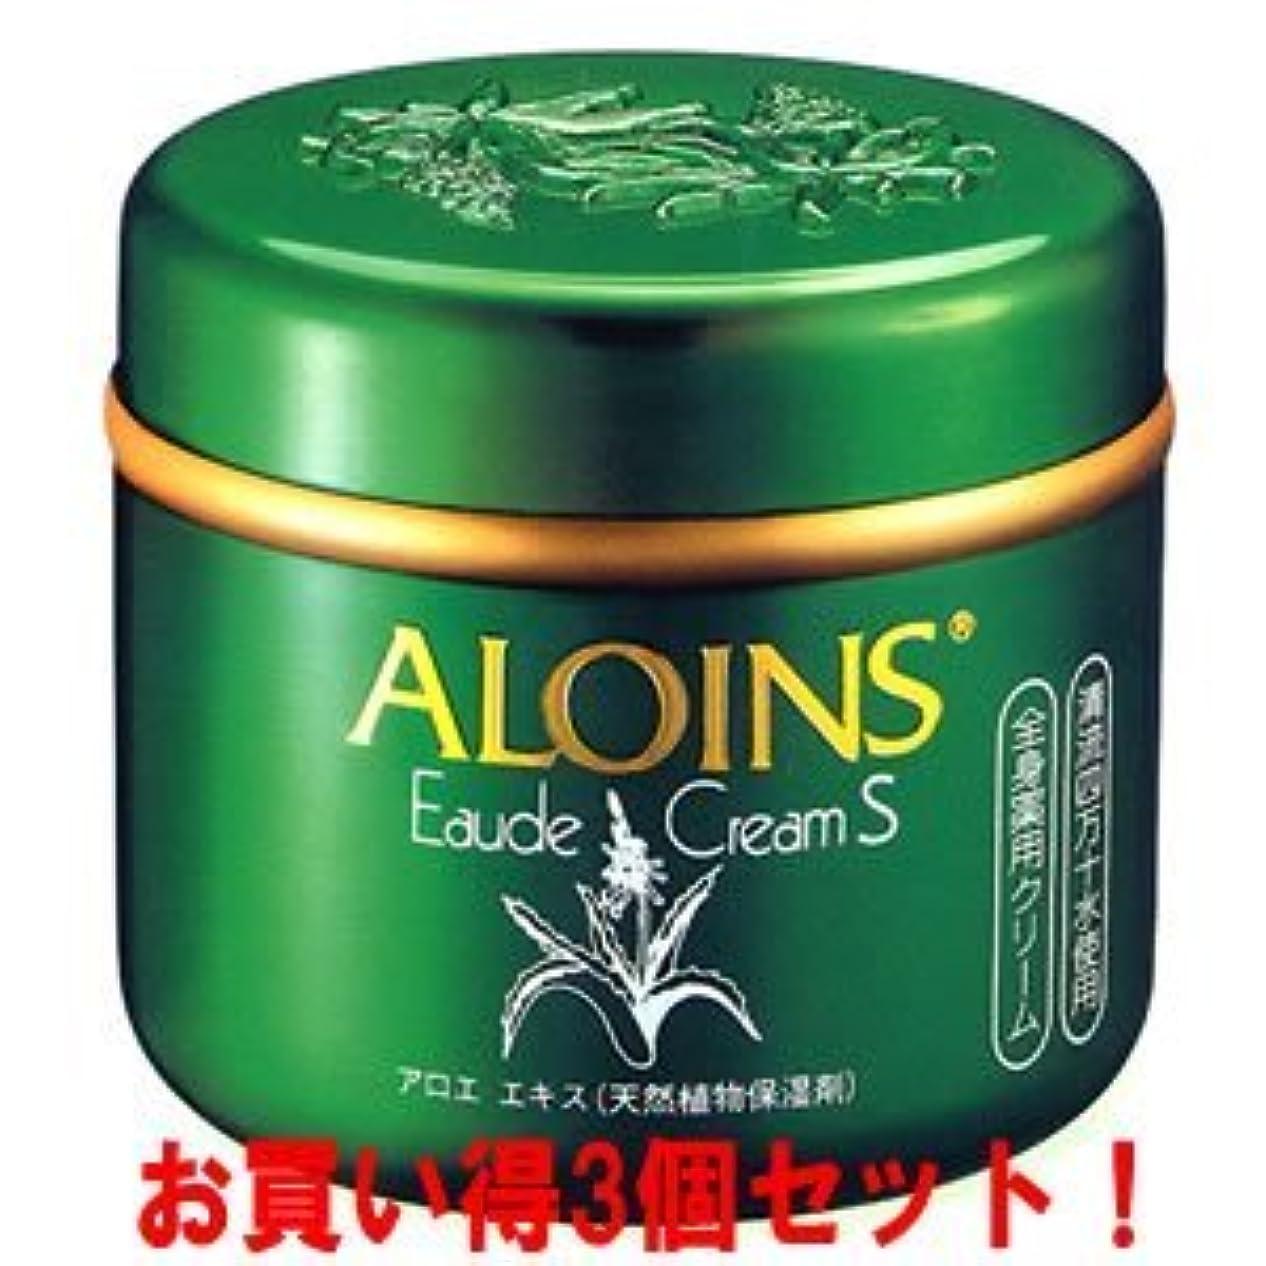 口実開いたレンジ(アロインス)アロインス オーデクリームS 185g(医薬部外品)(お買い得3個セット)